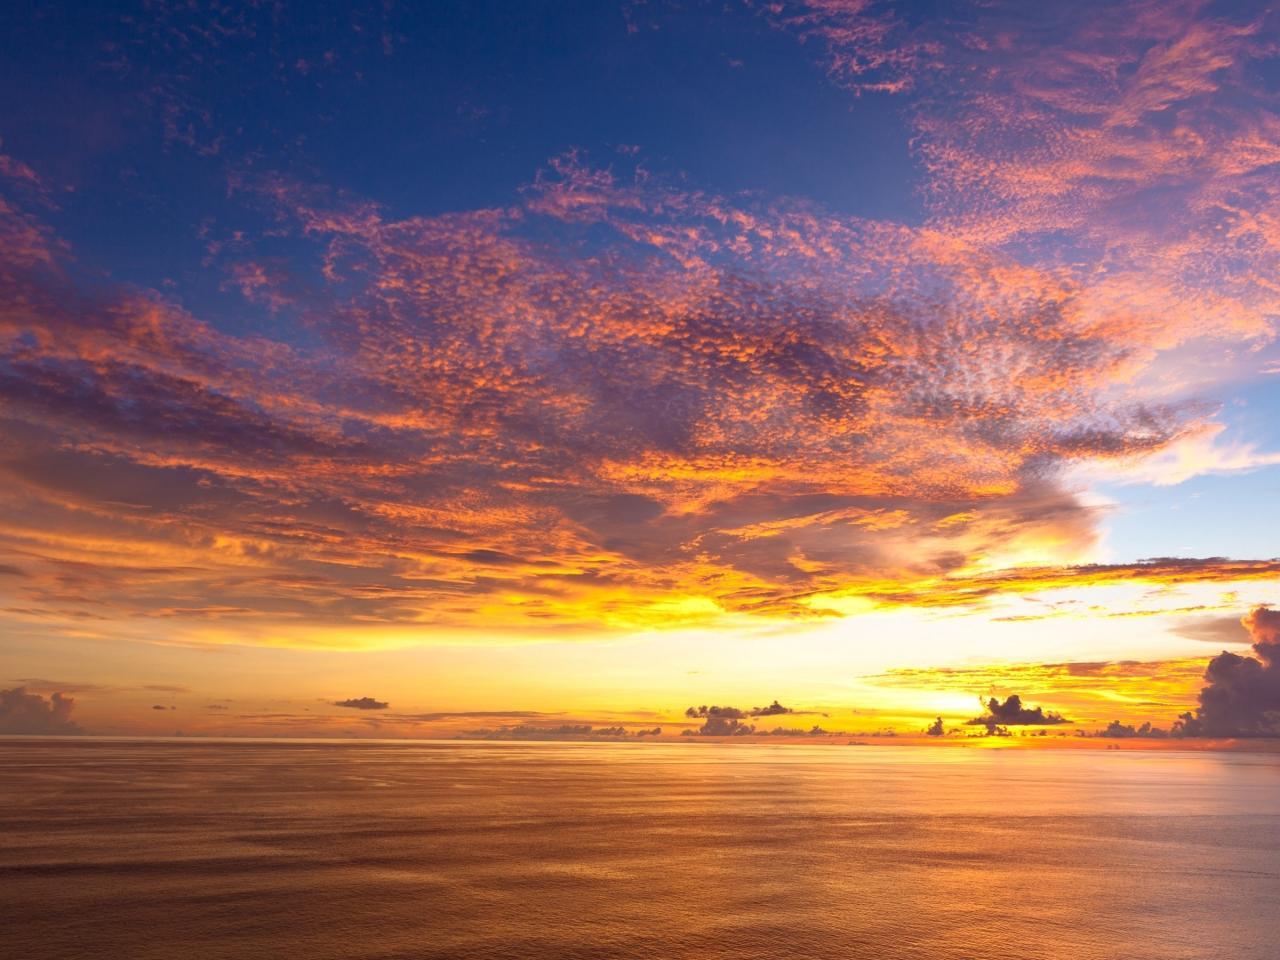 Bellas puestas de sol - 1280x960